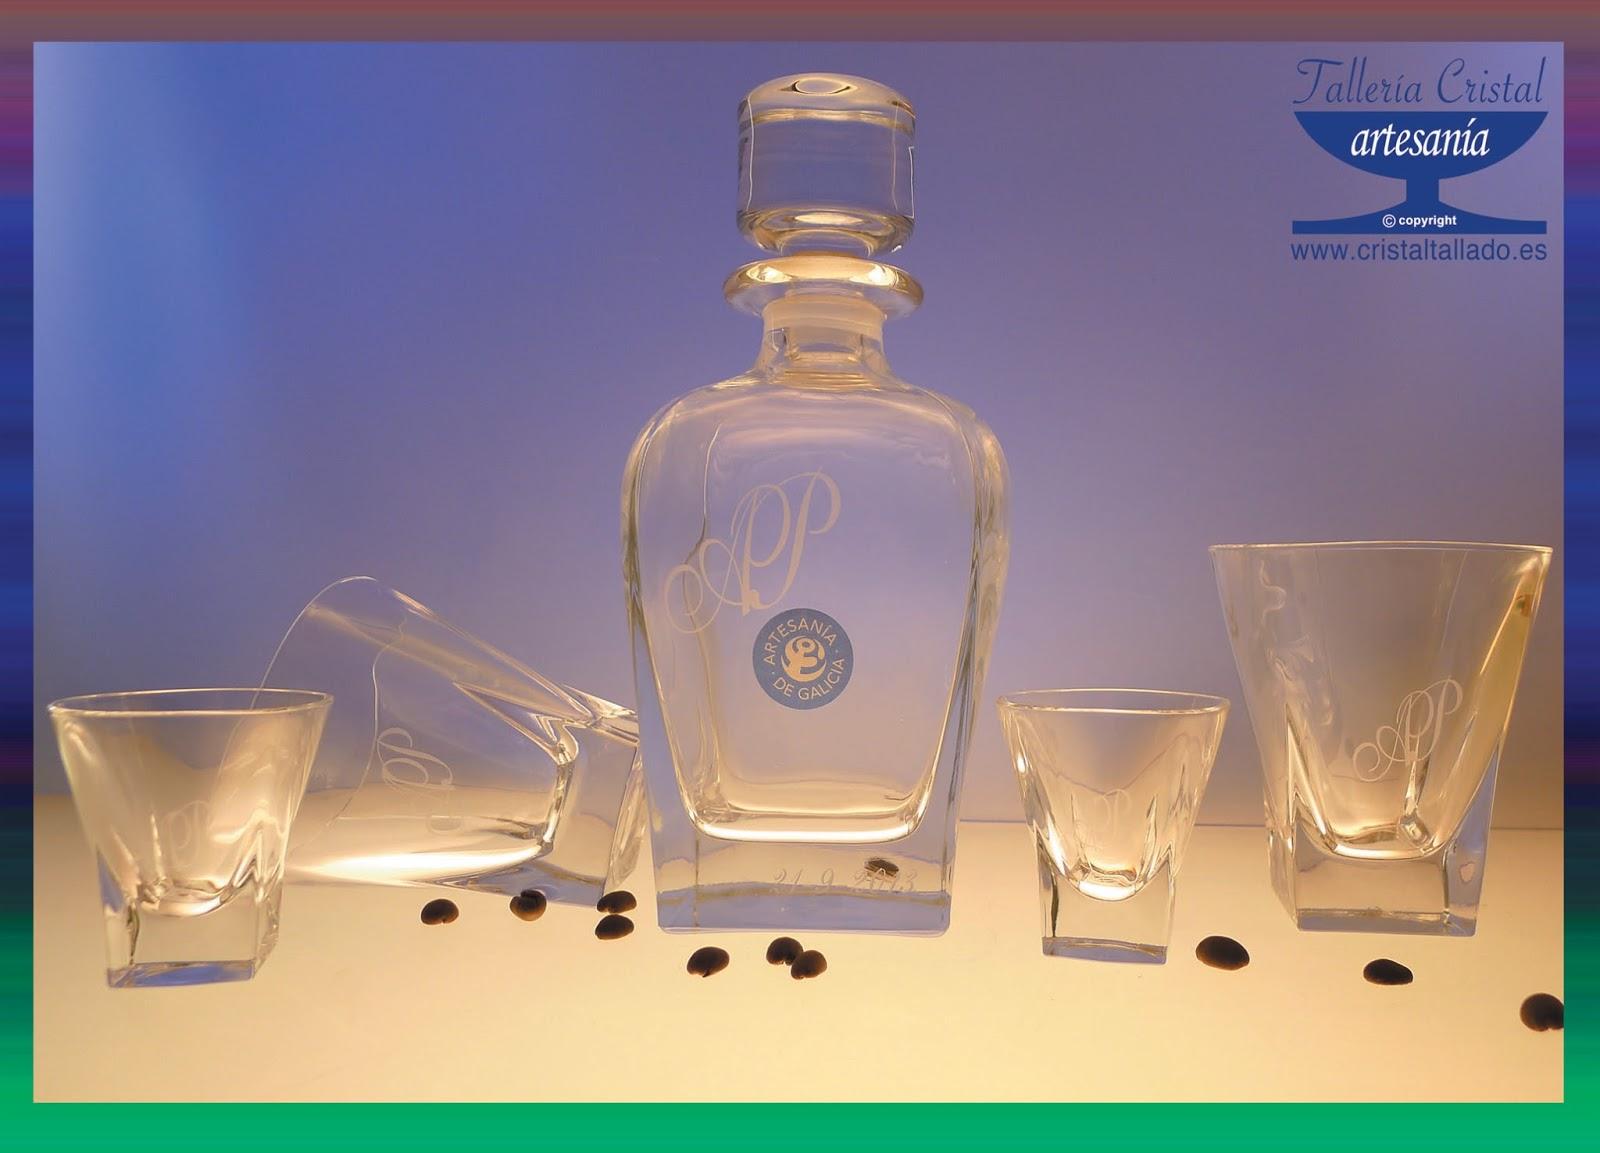 Taller a cristal fusion 13 for Vasos chupito personalizados